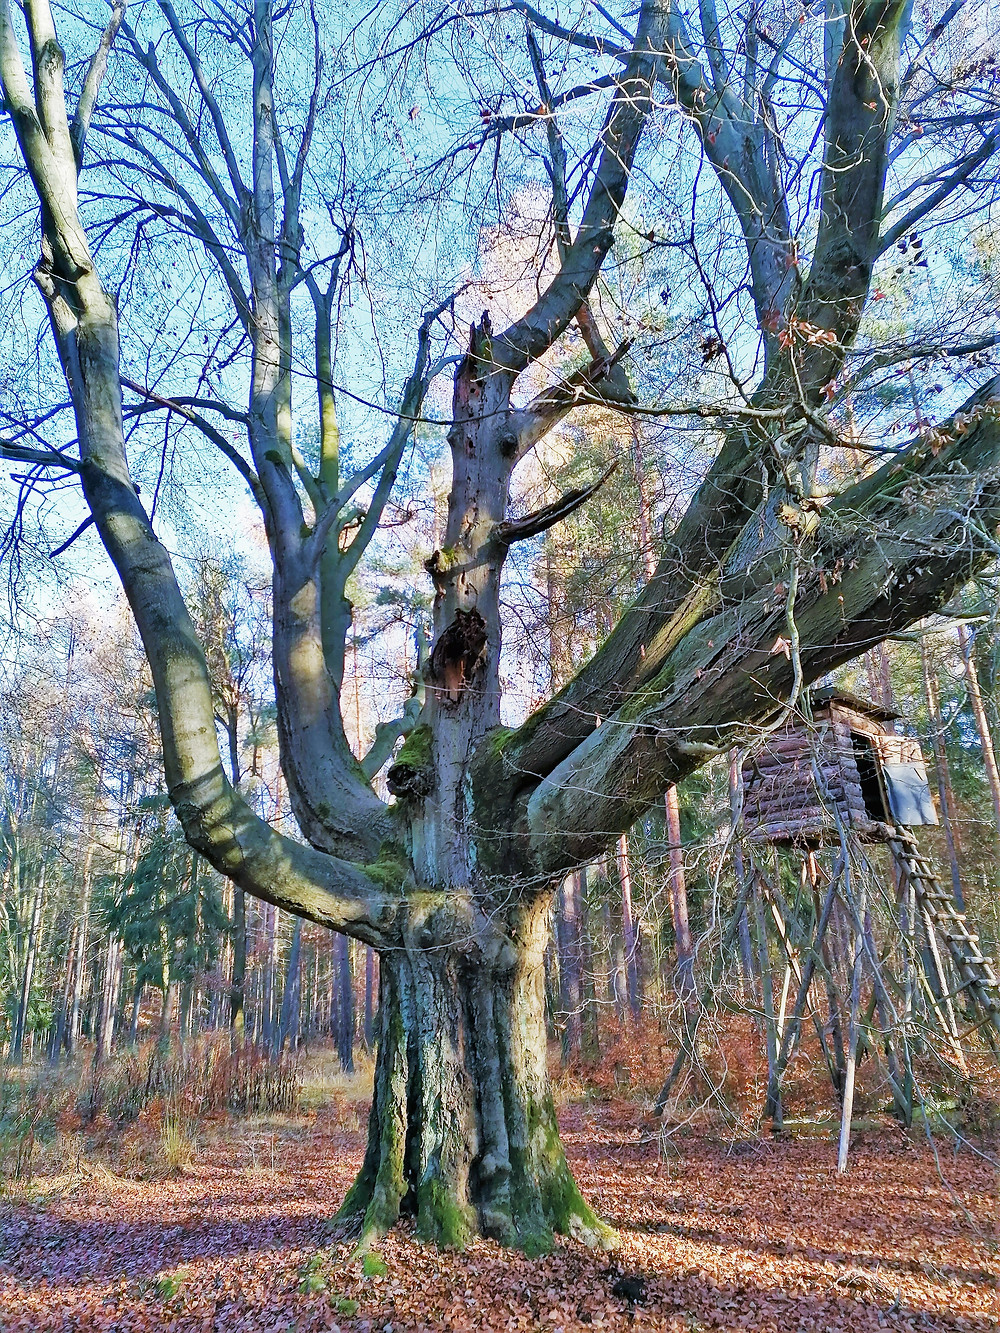 Buk v Budlíně má obvod kmene 390 centimetrů a dosahuje výšky 25 metrů